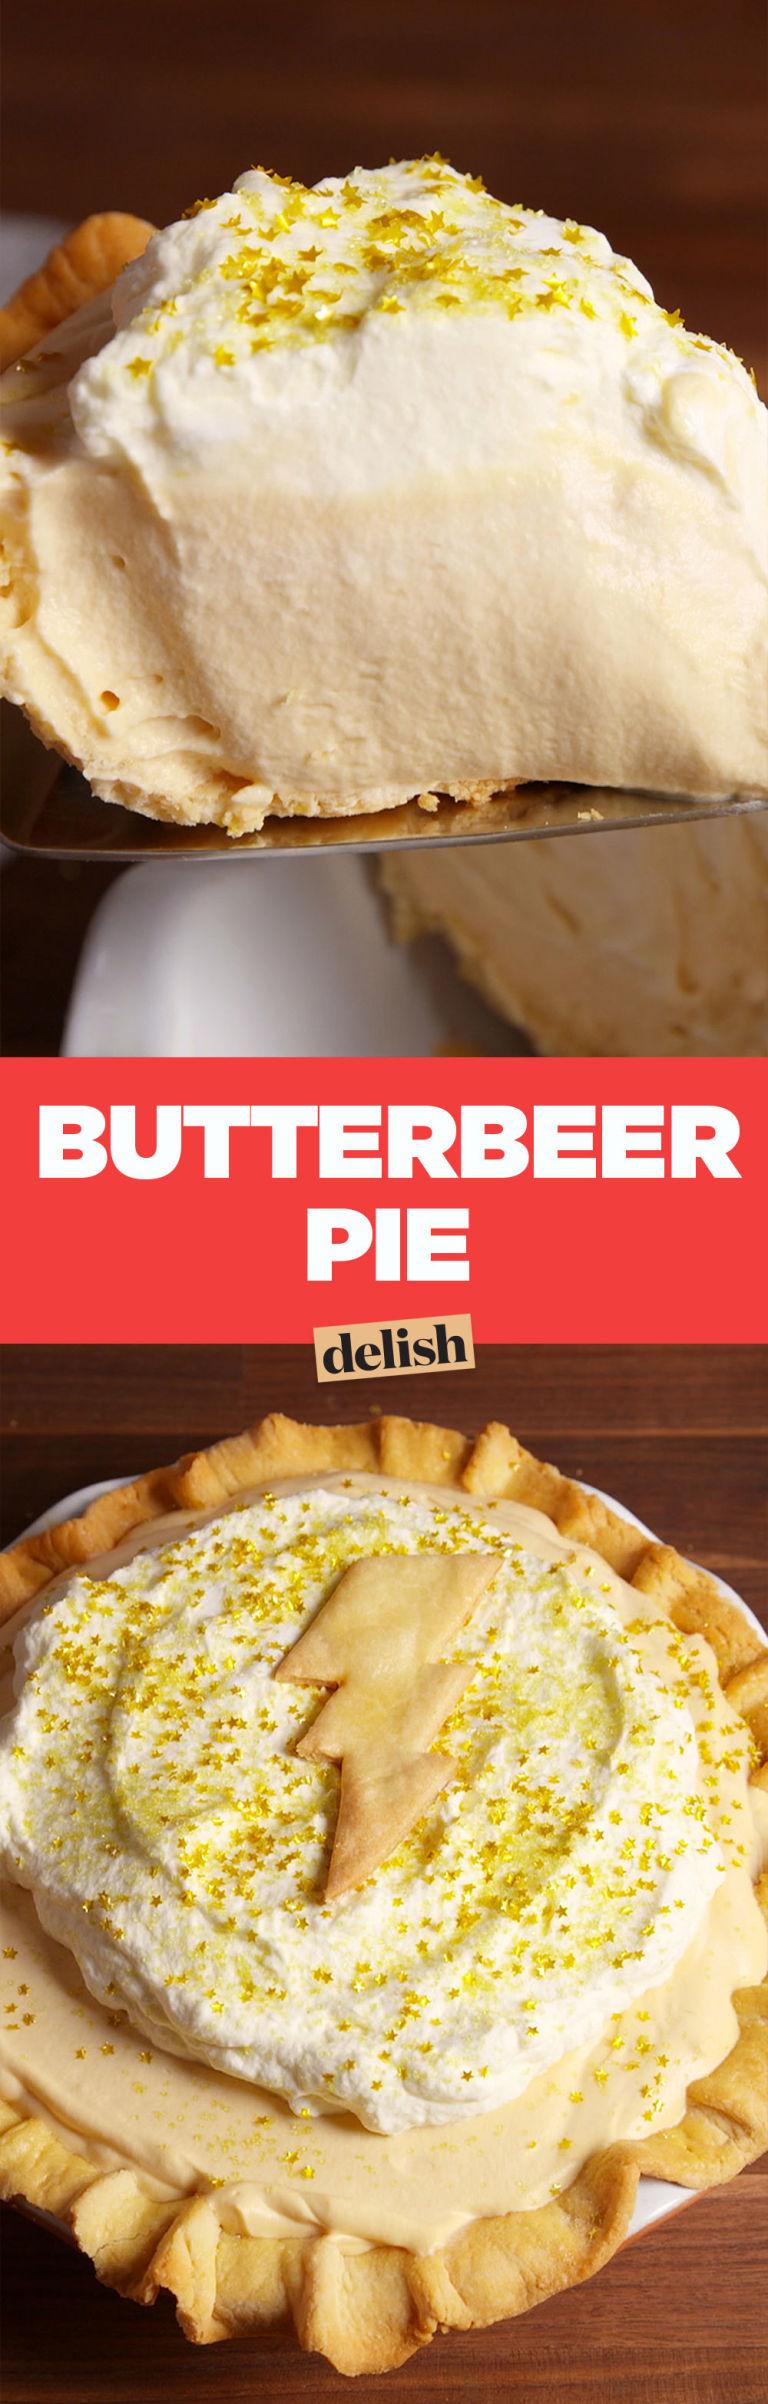 Butterbeer Pie Pinterest